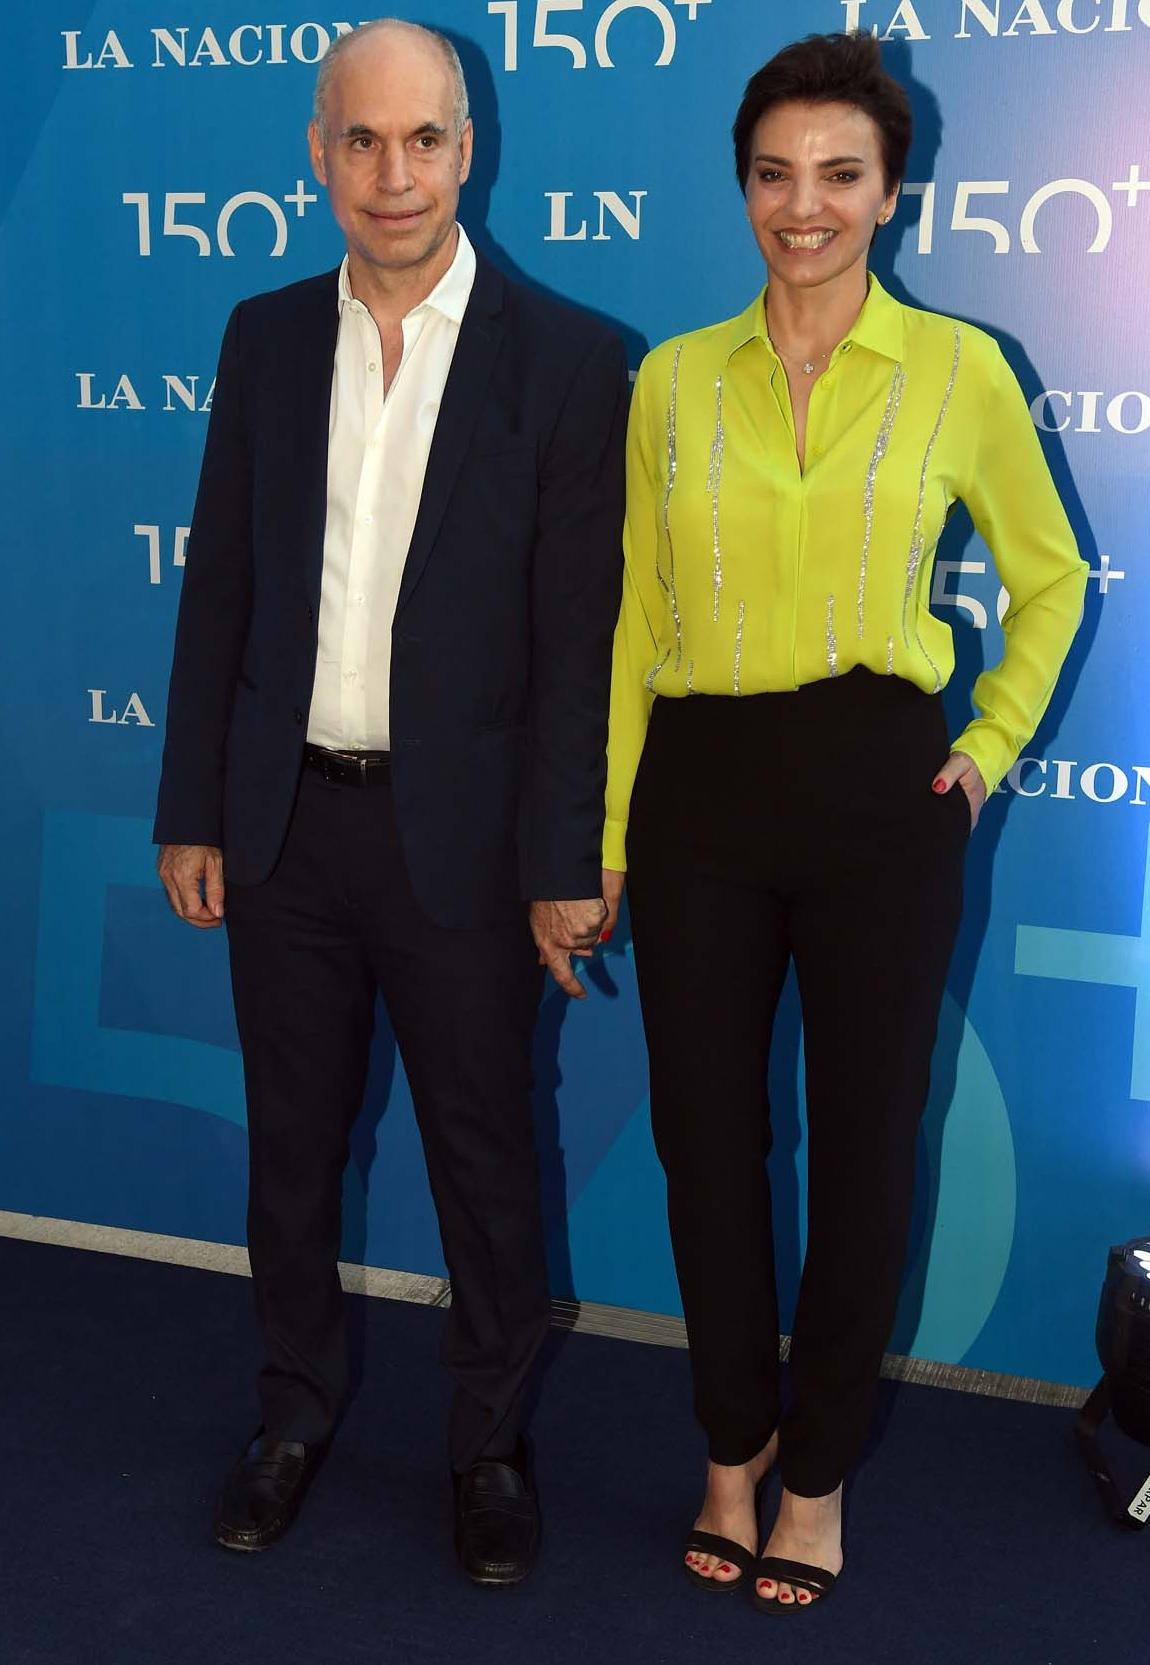 El jefe de Gobierno porteño, Horacio Rodríguez Larreta, y su mujer Bárbara Diez